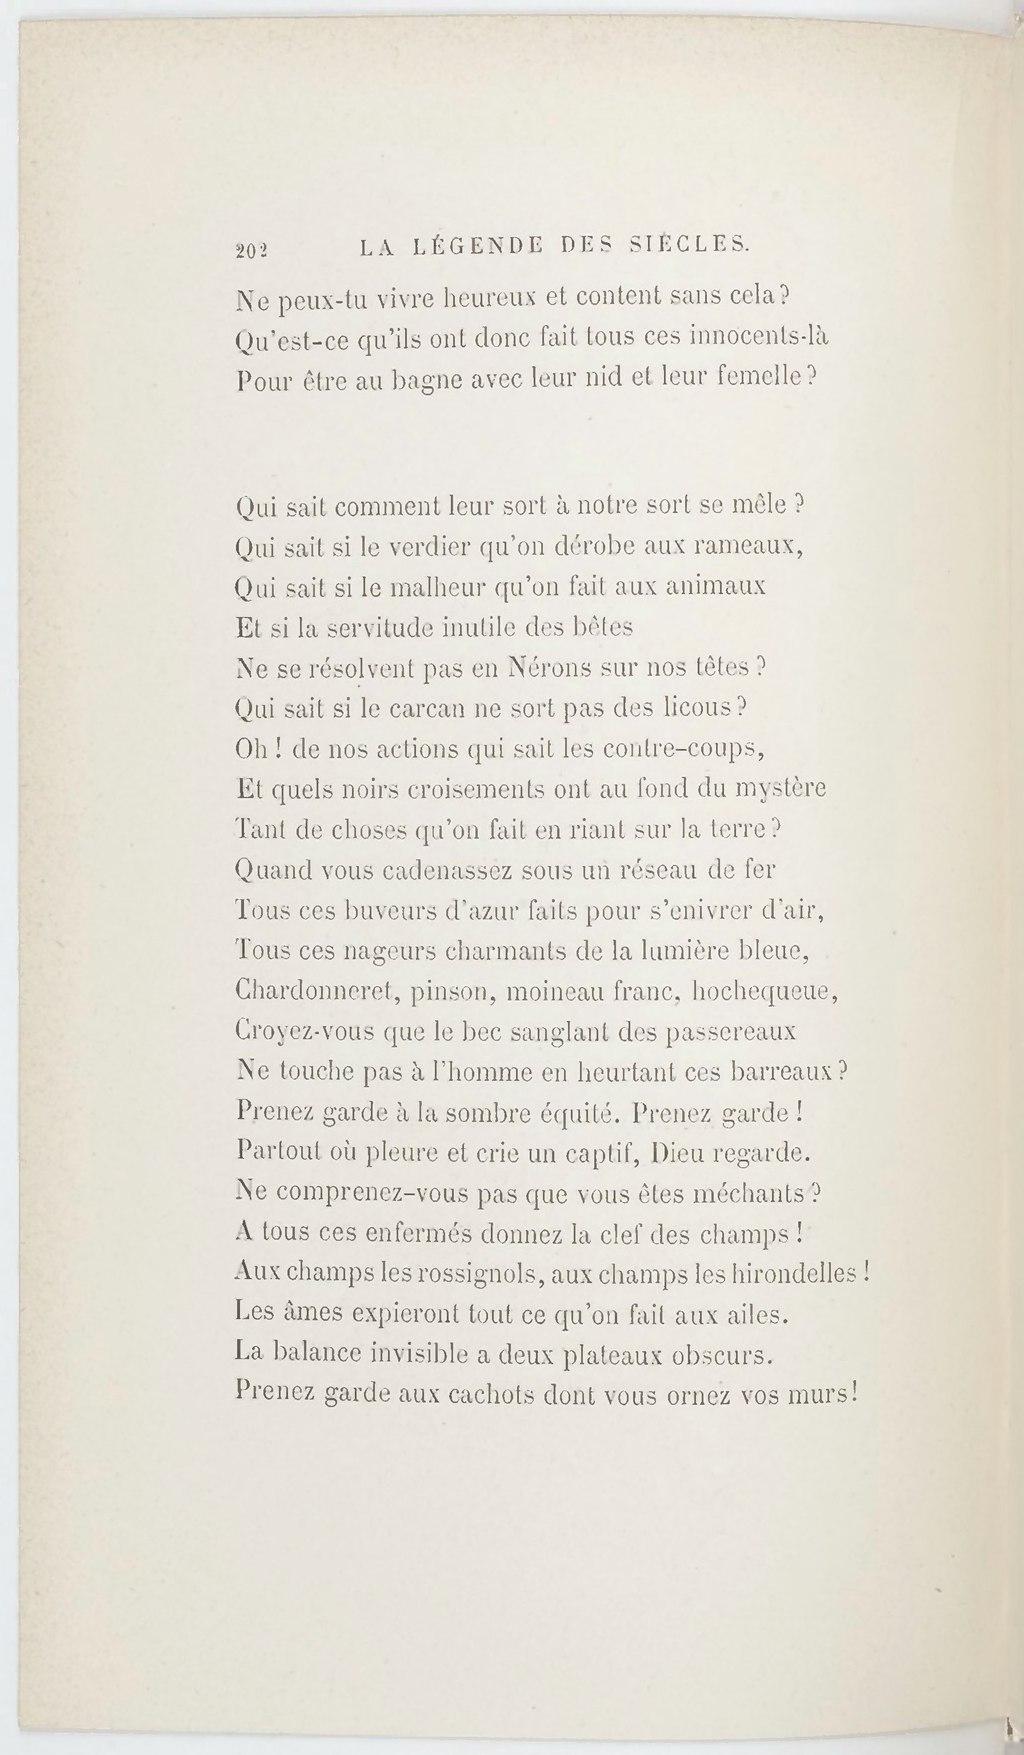 Cachot Dont On Ne Sort Jamais : cachot, jamais, Page:Hugo, Légende, Siècles,, Série,, édition, Hetzel,, 1883.djvu/214, Wikisource